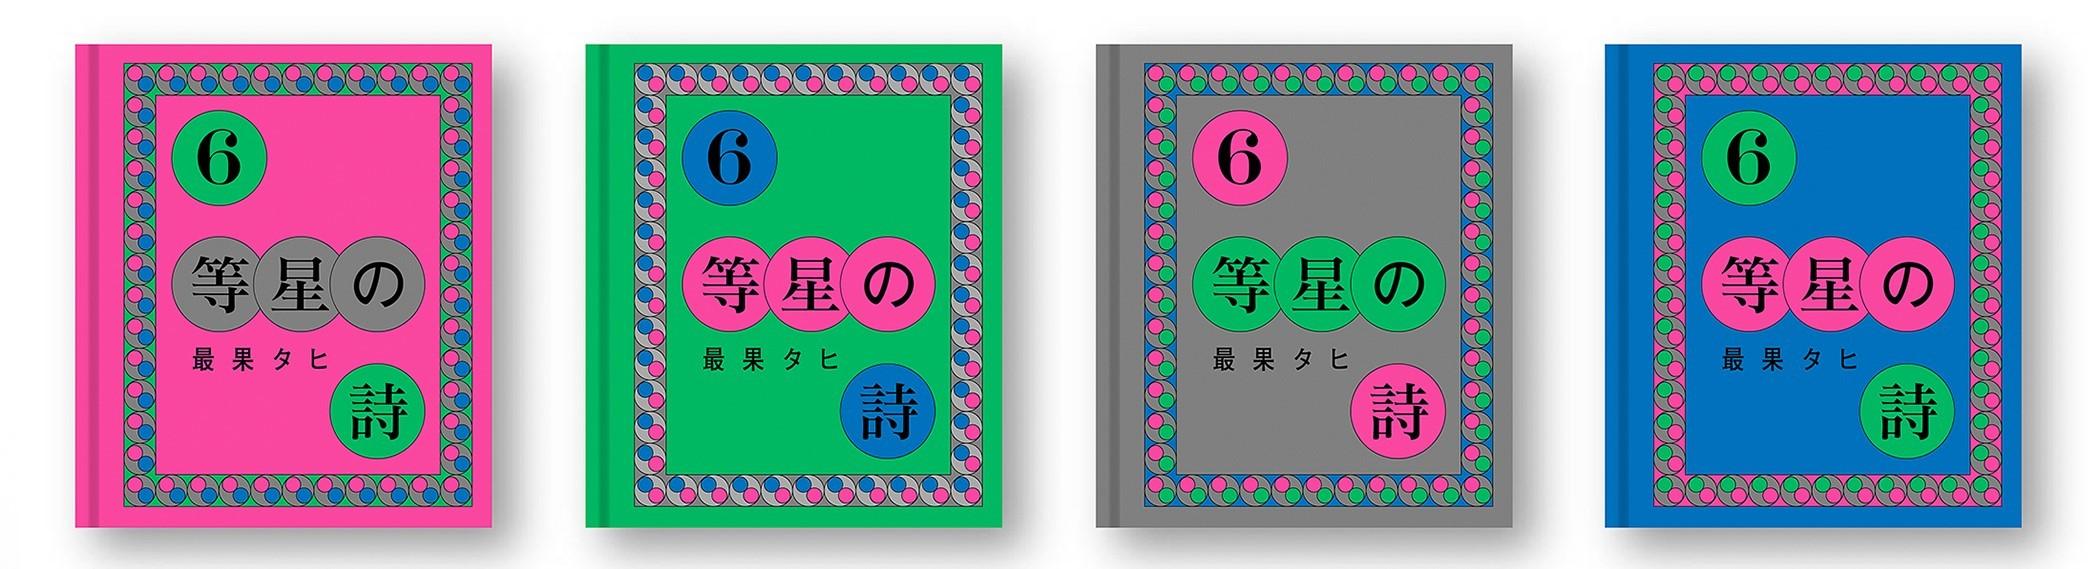 本展オリジナルミニ本「6等星の詩」(非売品)